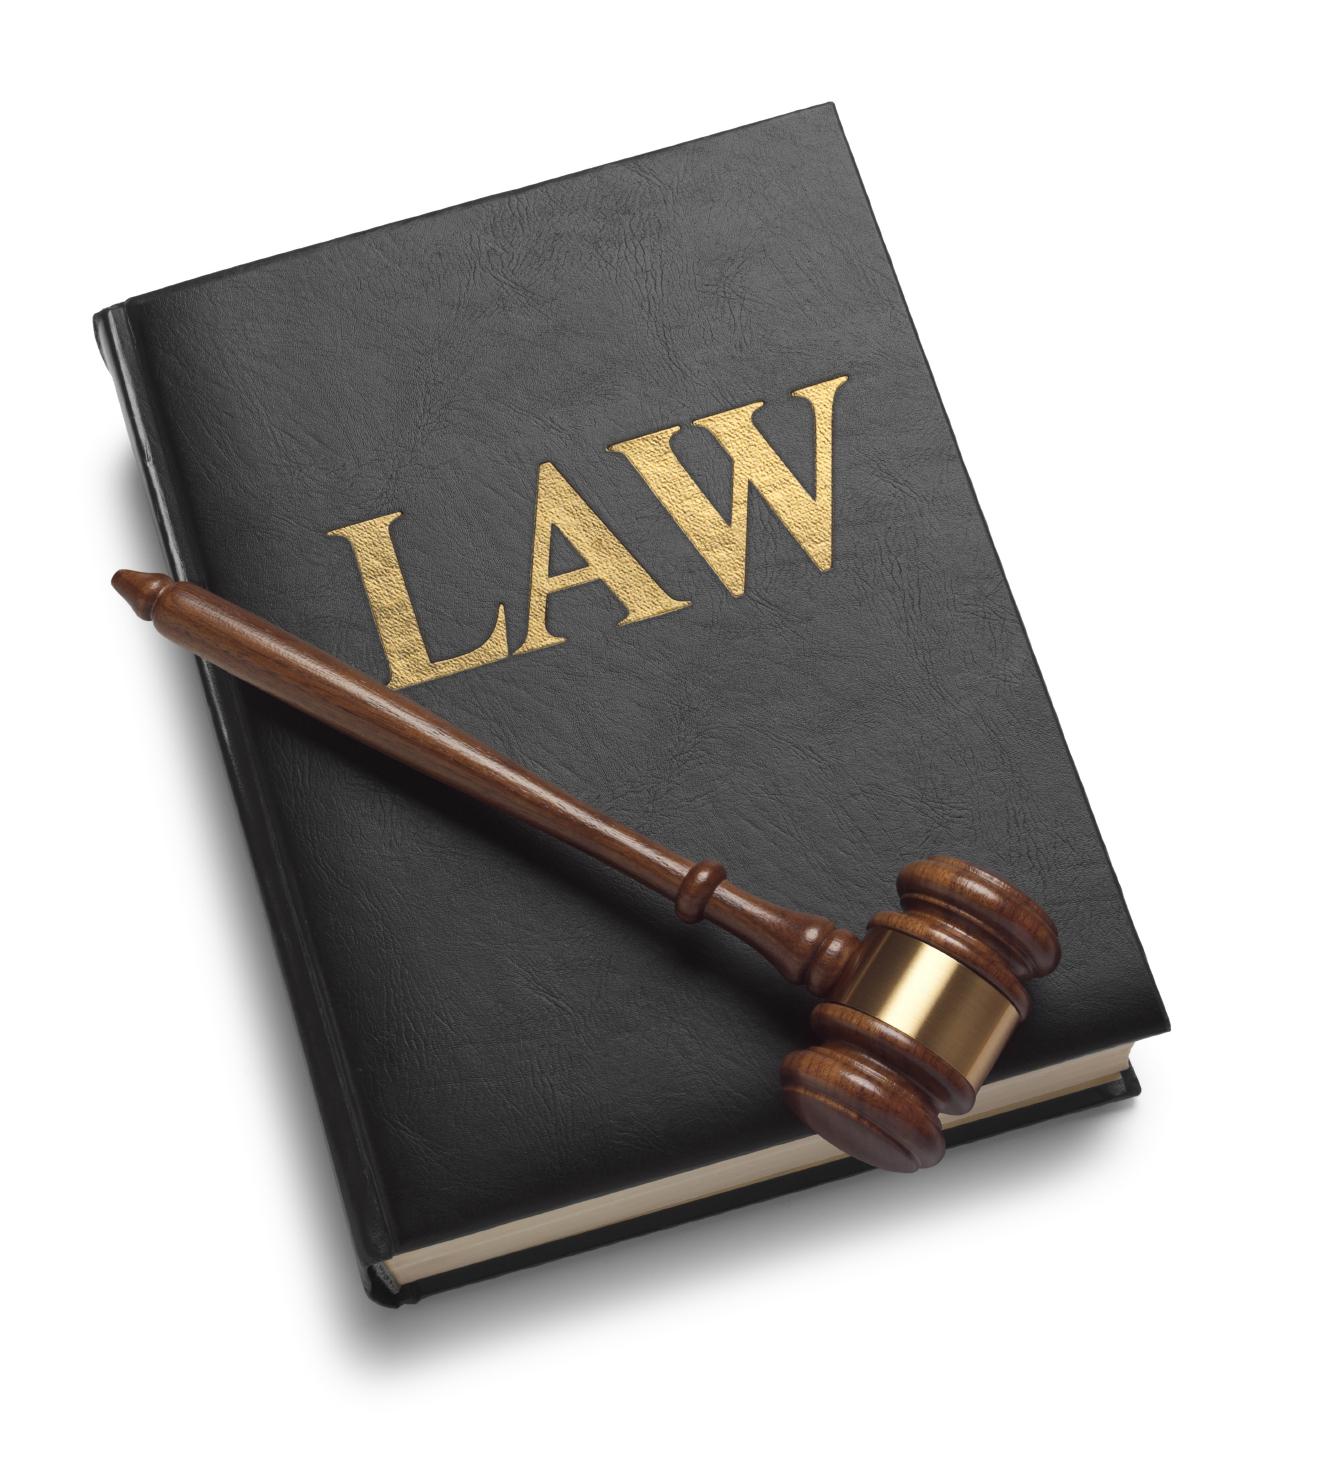 Đại diện theo ủy quyền vay tiền phải chịu những trách nhiệm gì?